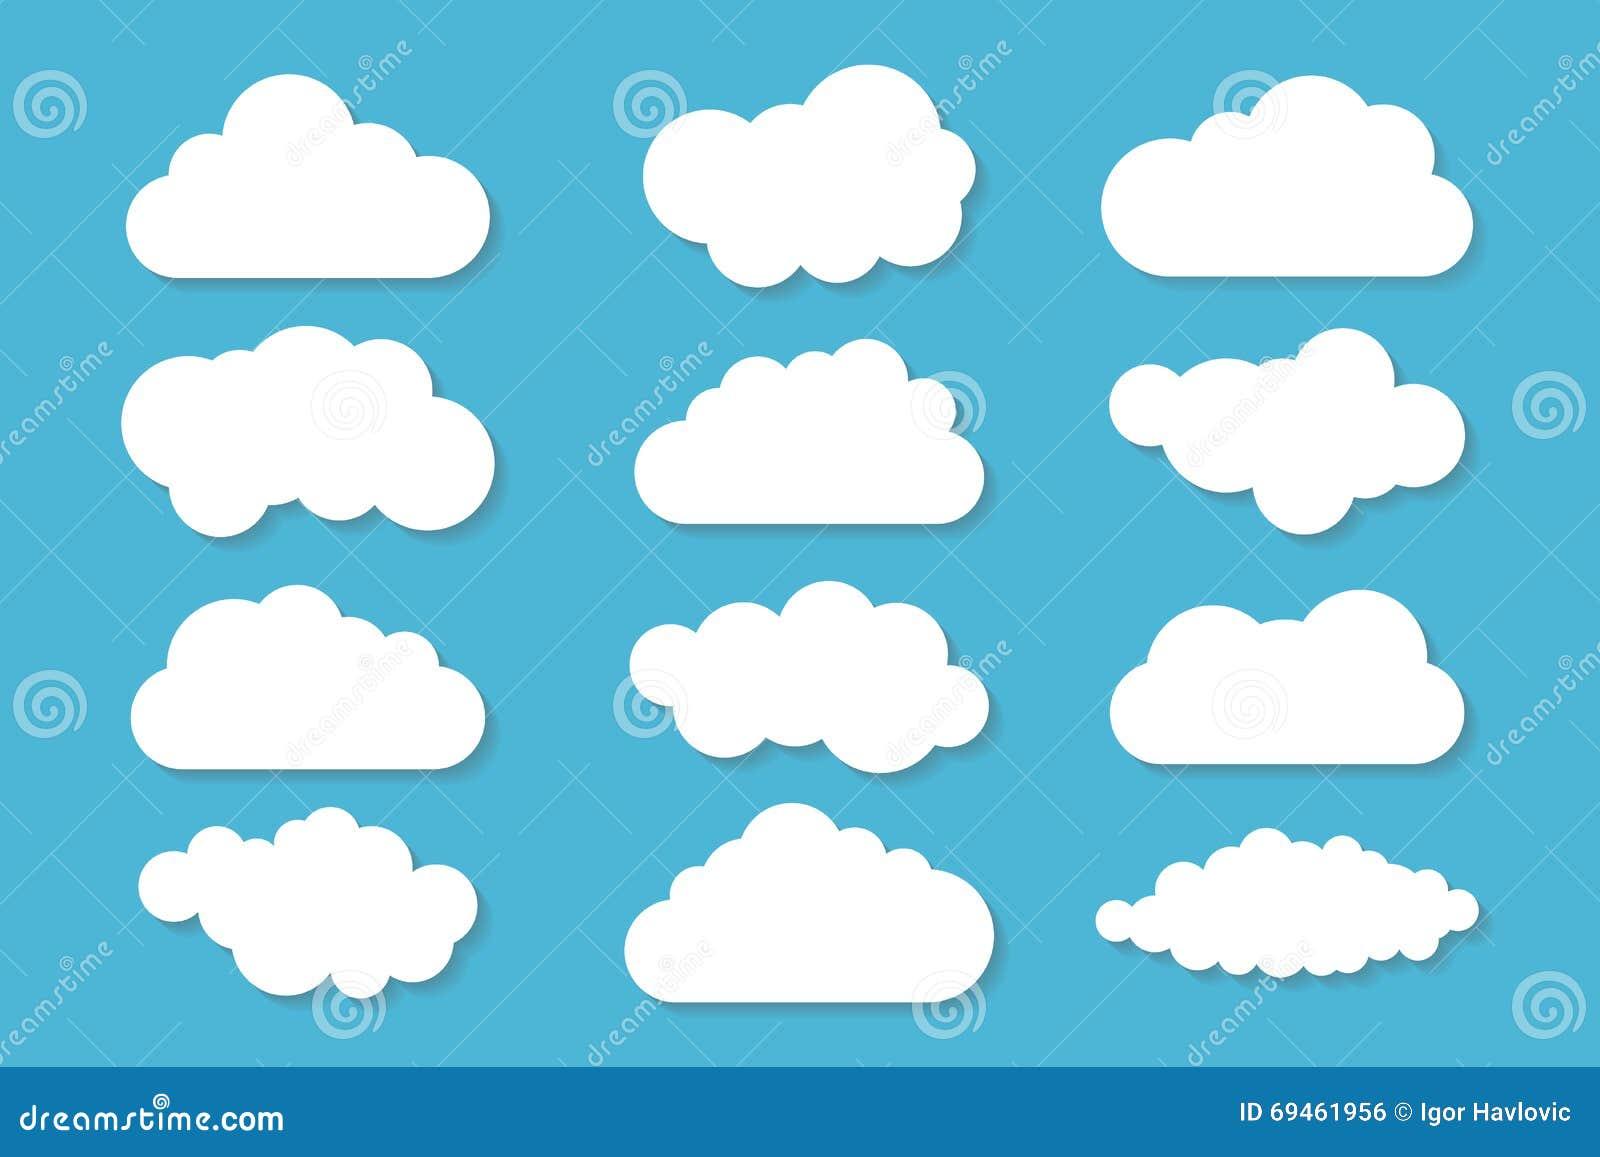 cloud wallpaper clip art - photo #47